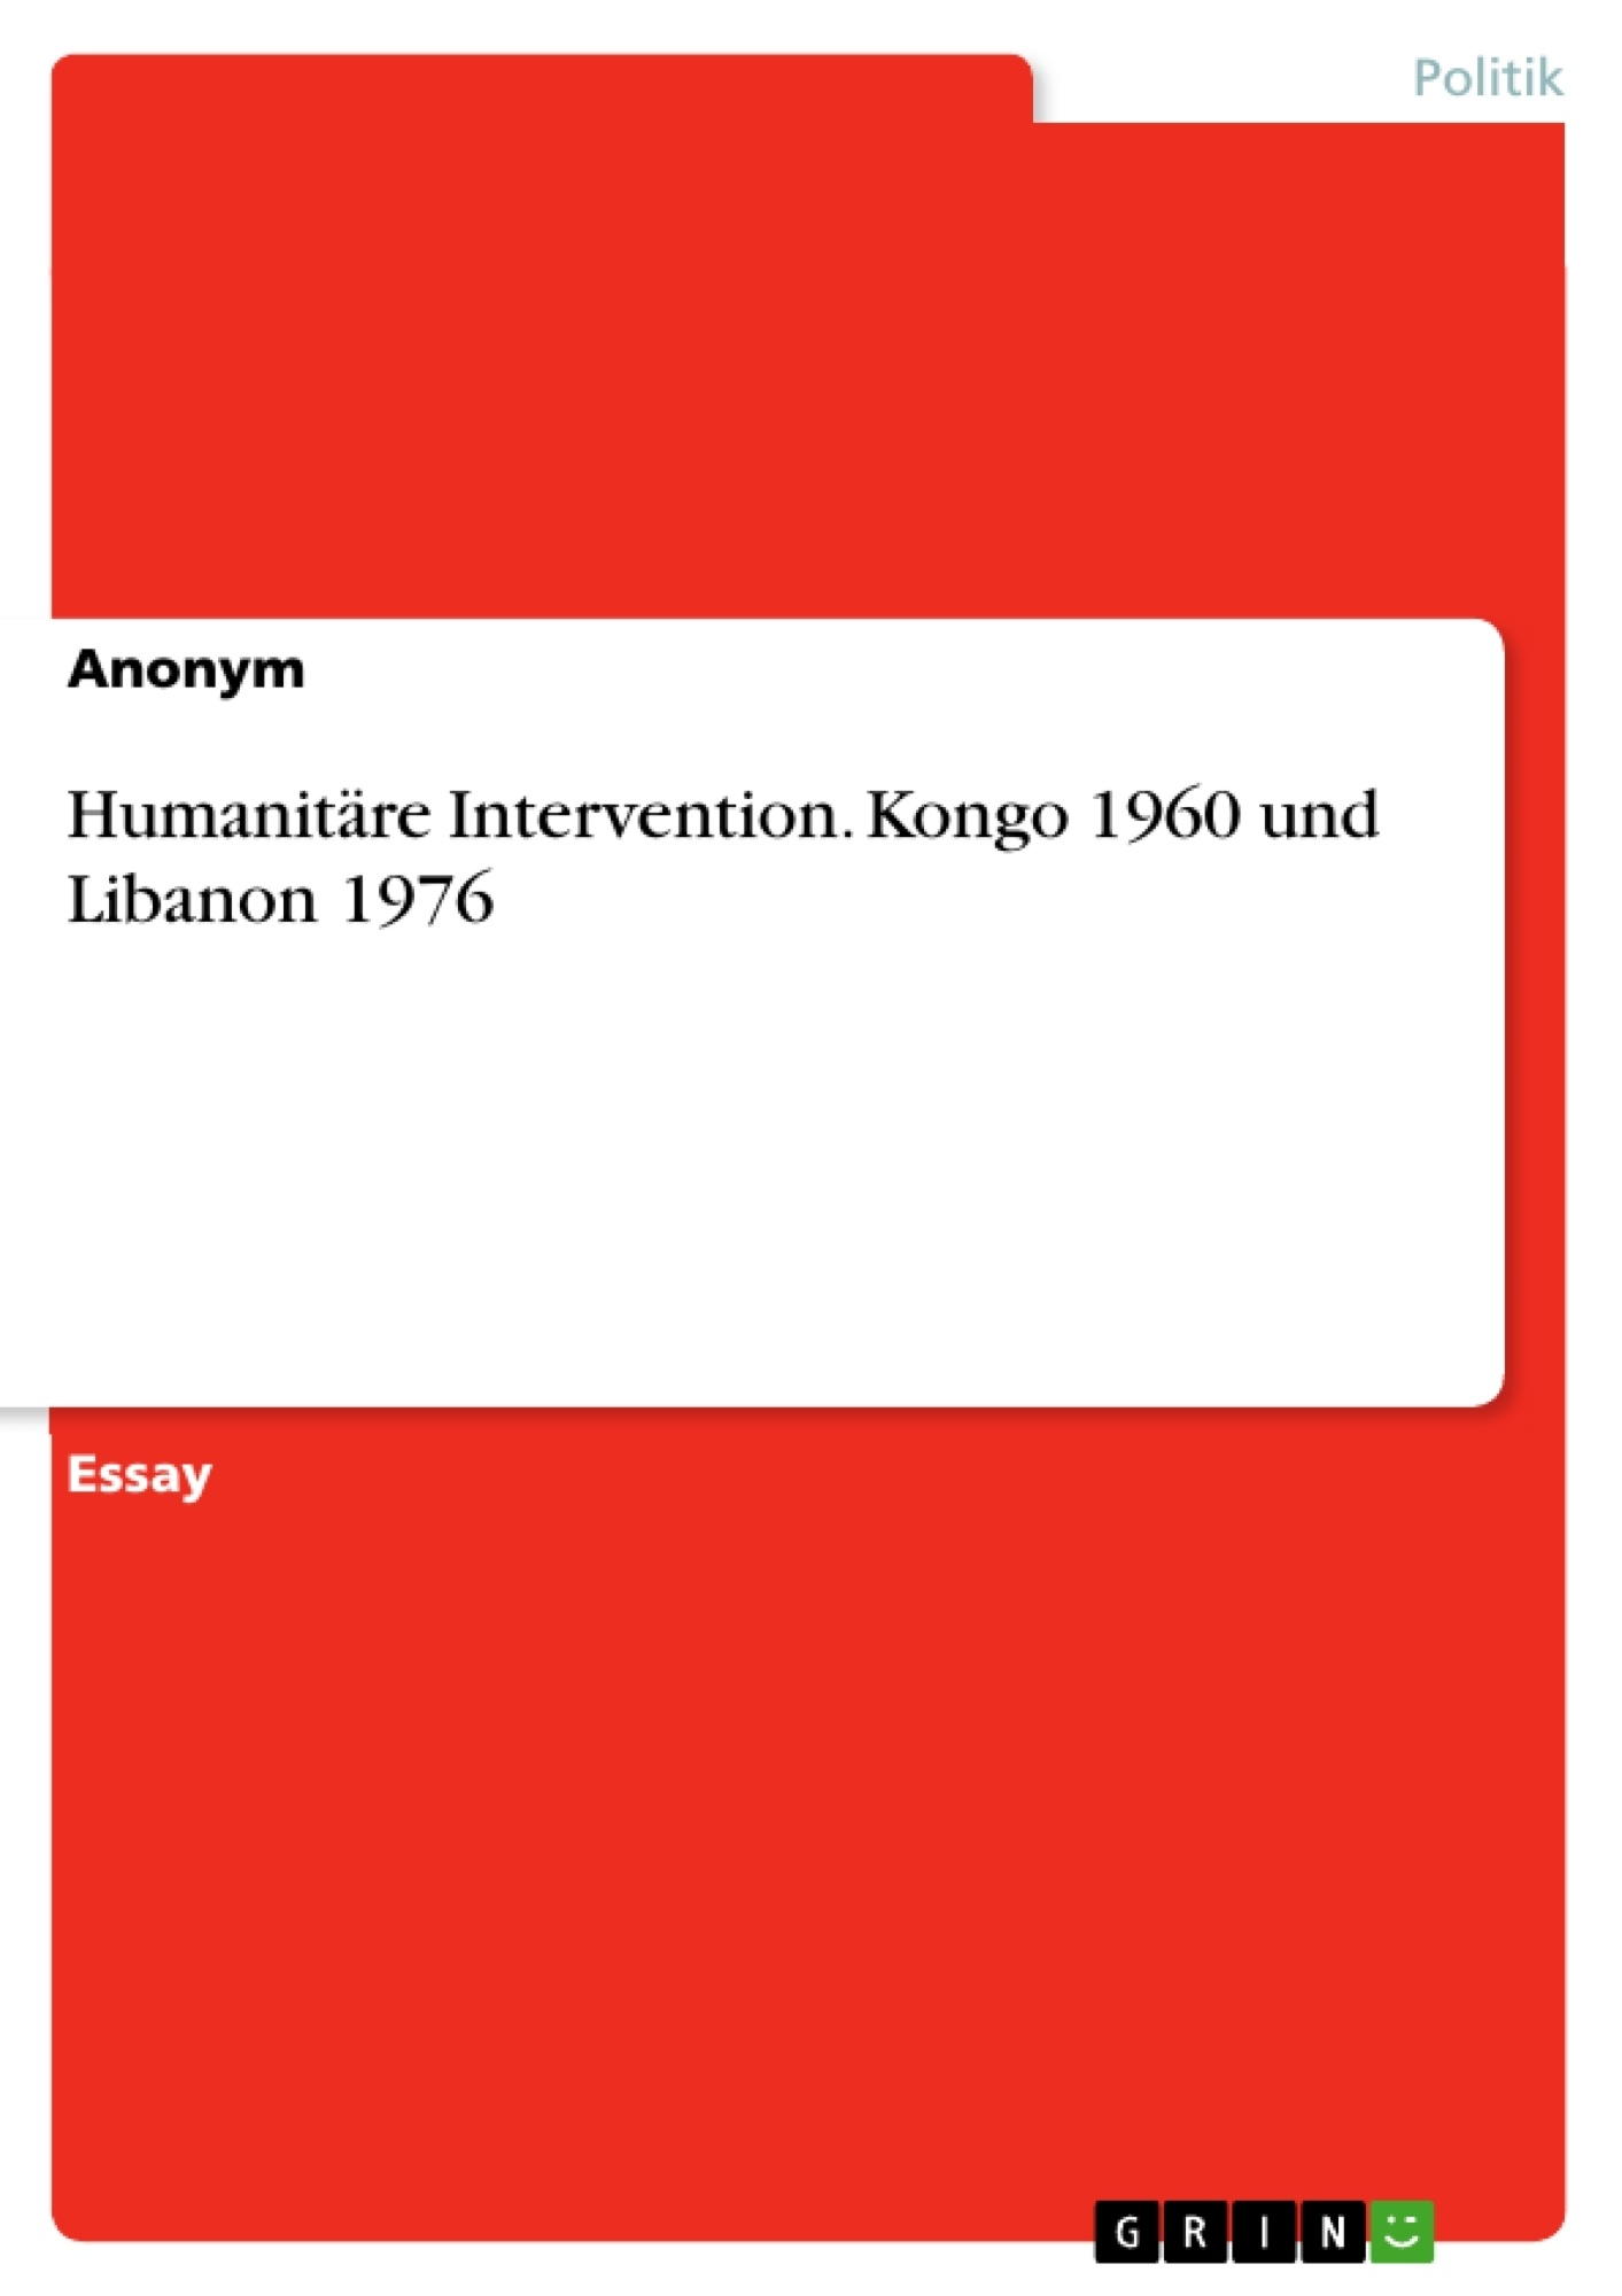 Titel: Humanitäre Intervention. Kongo 1960 und Libanon 1976